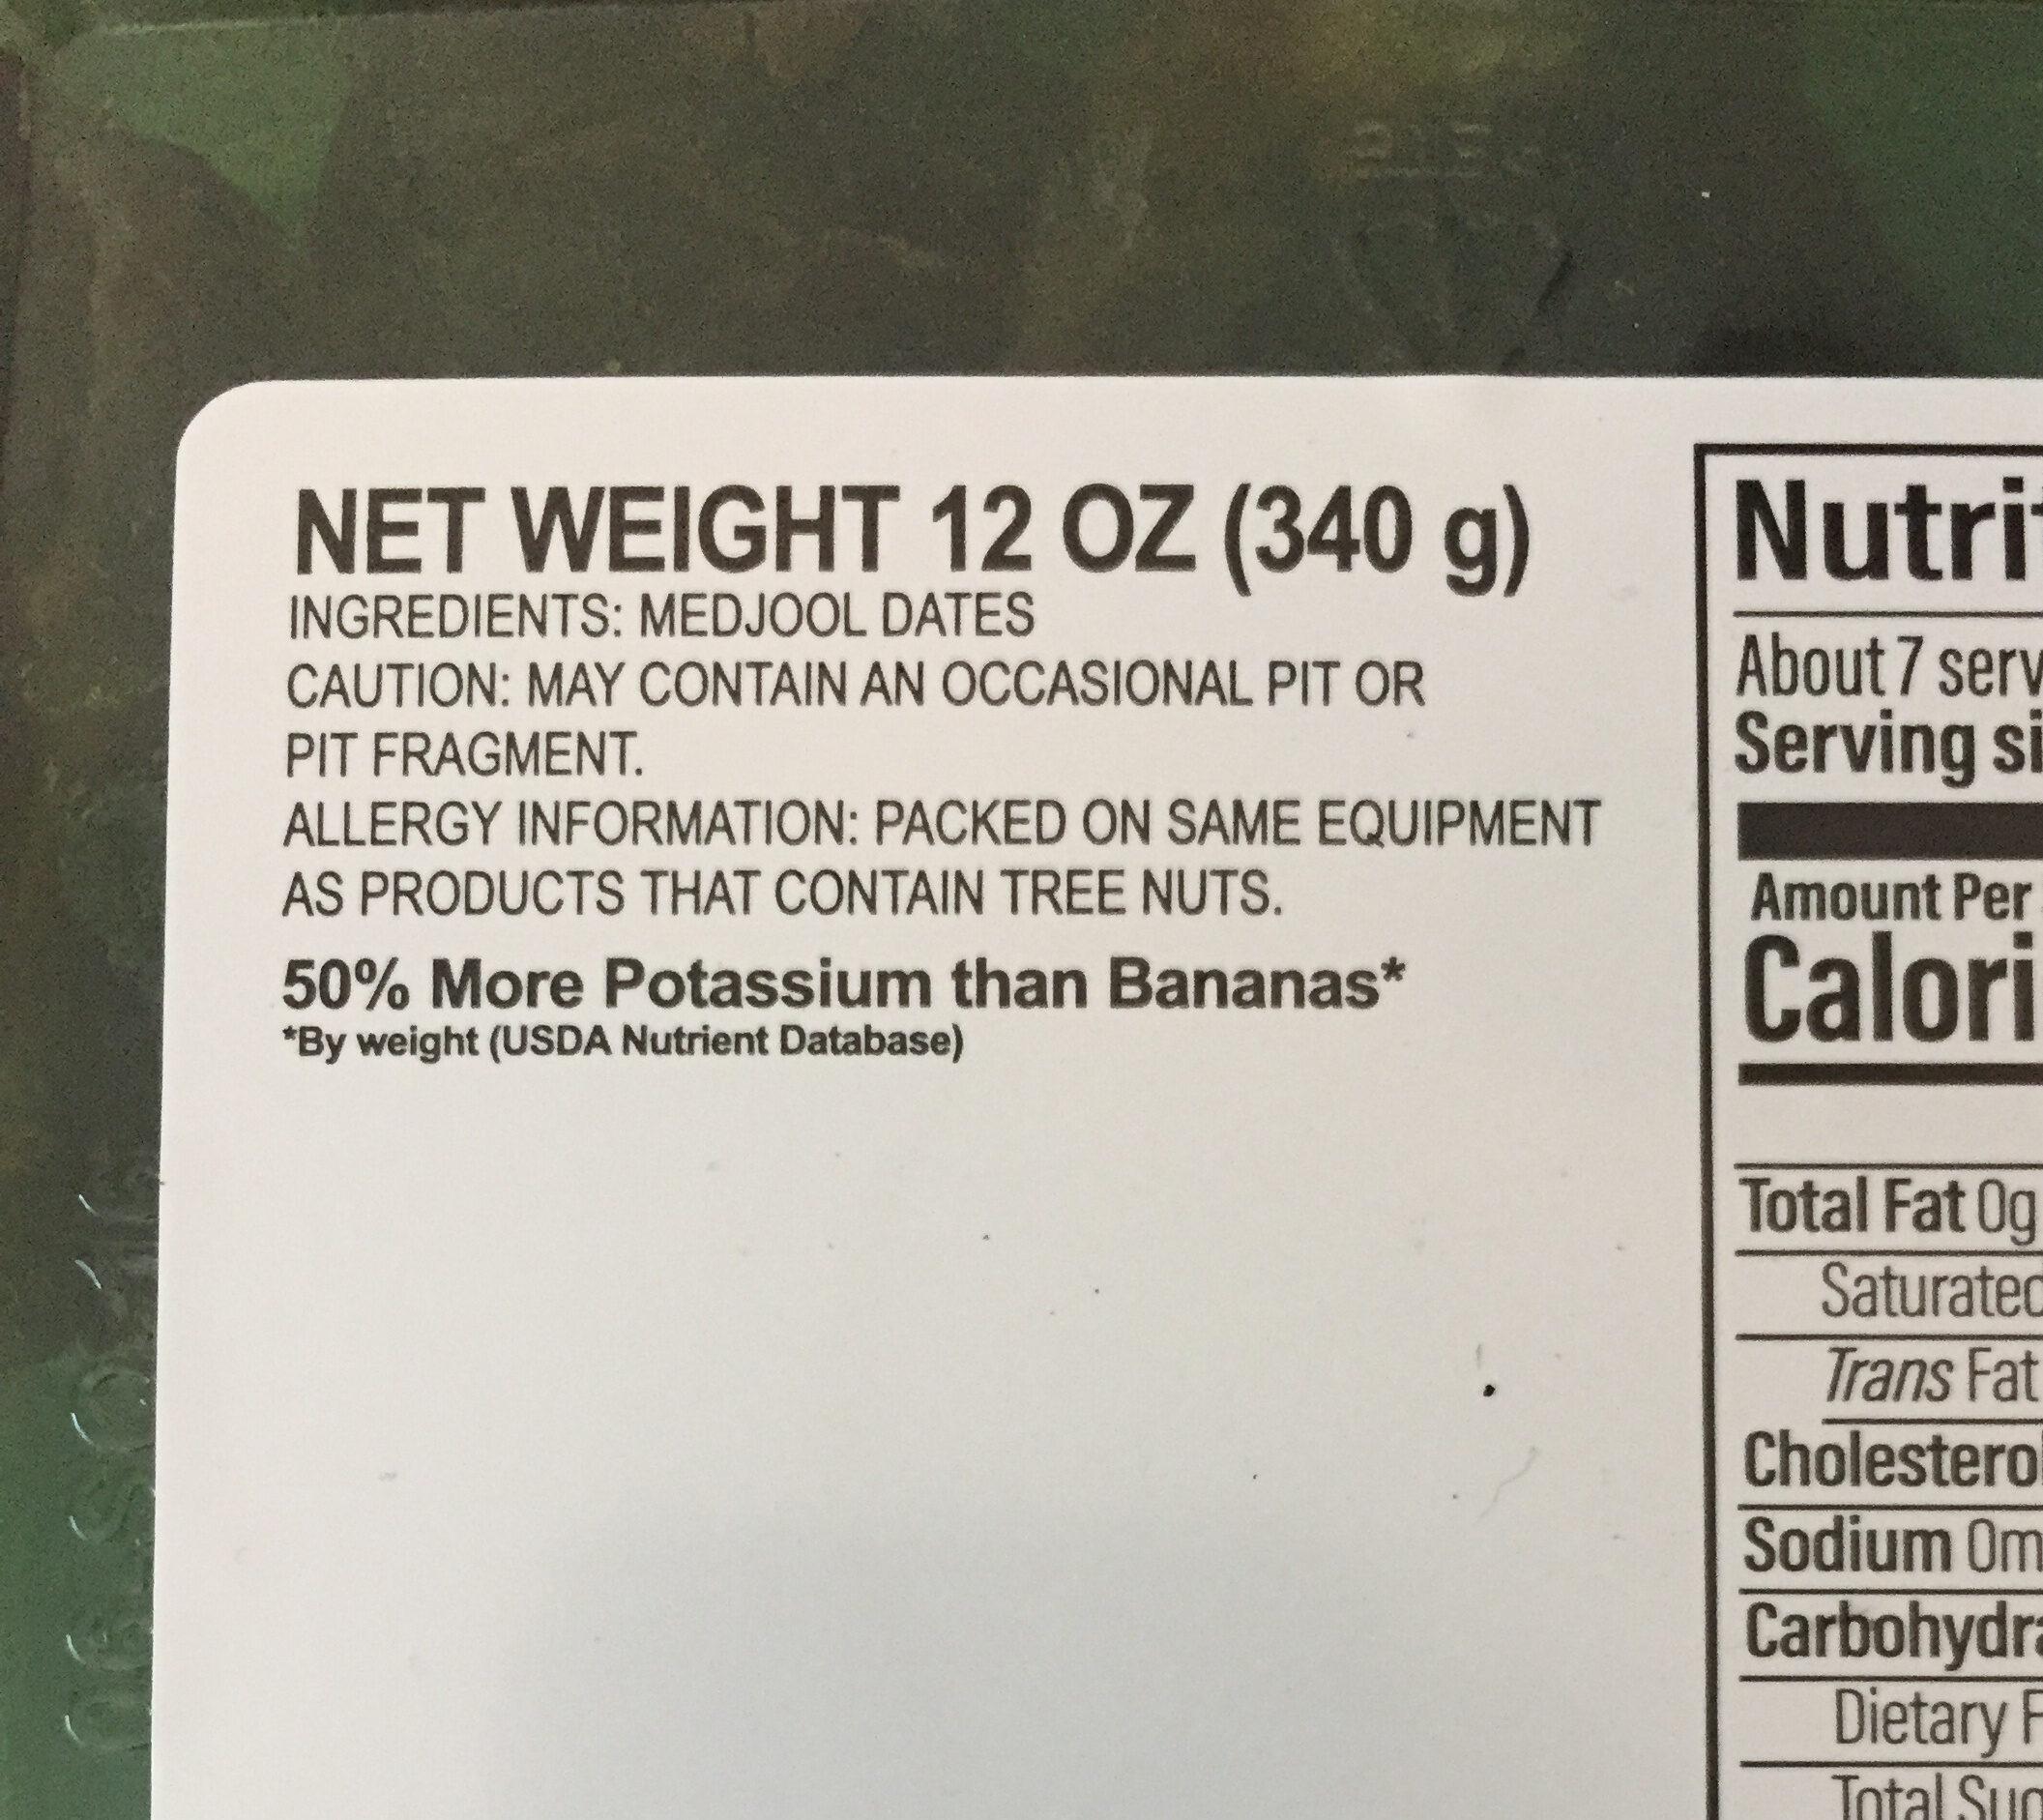 Pitted medjool dates - Ingredients - en